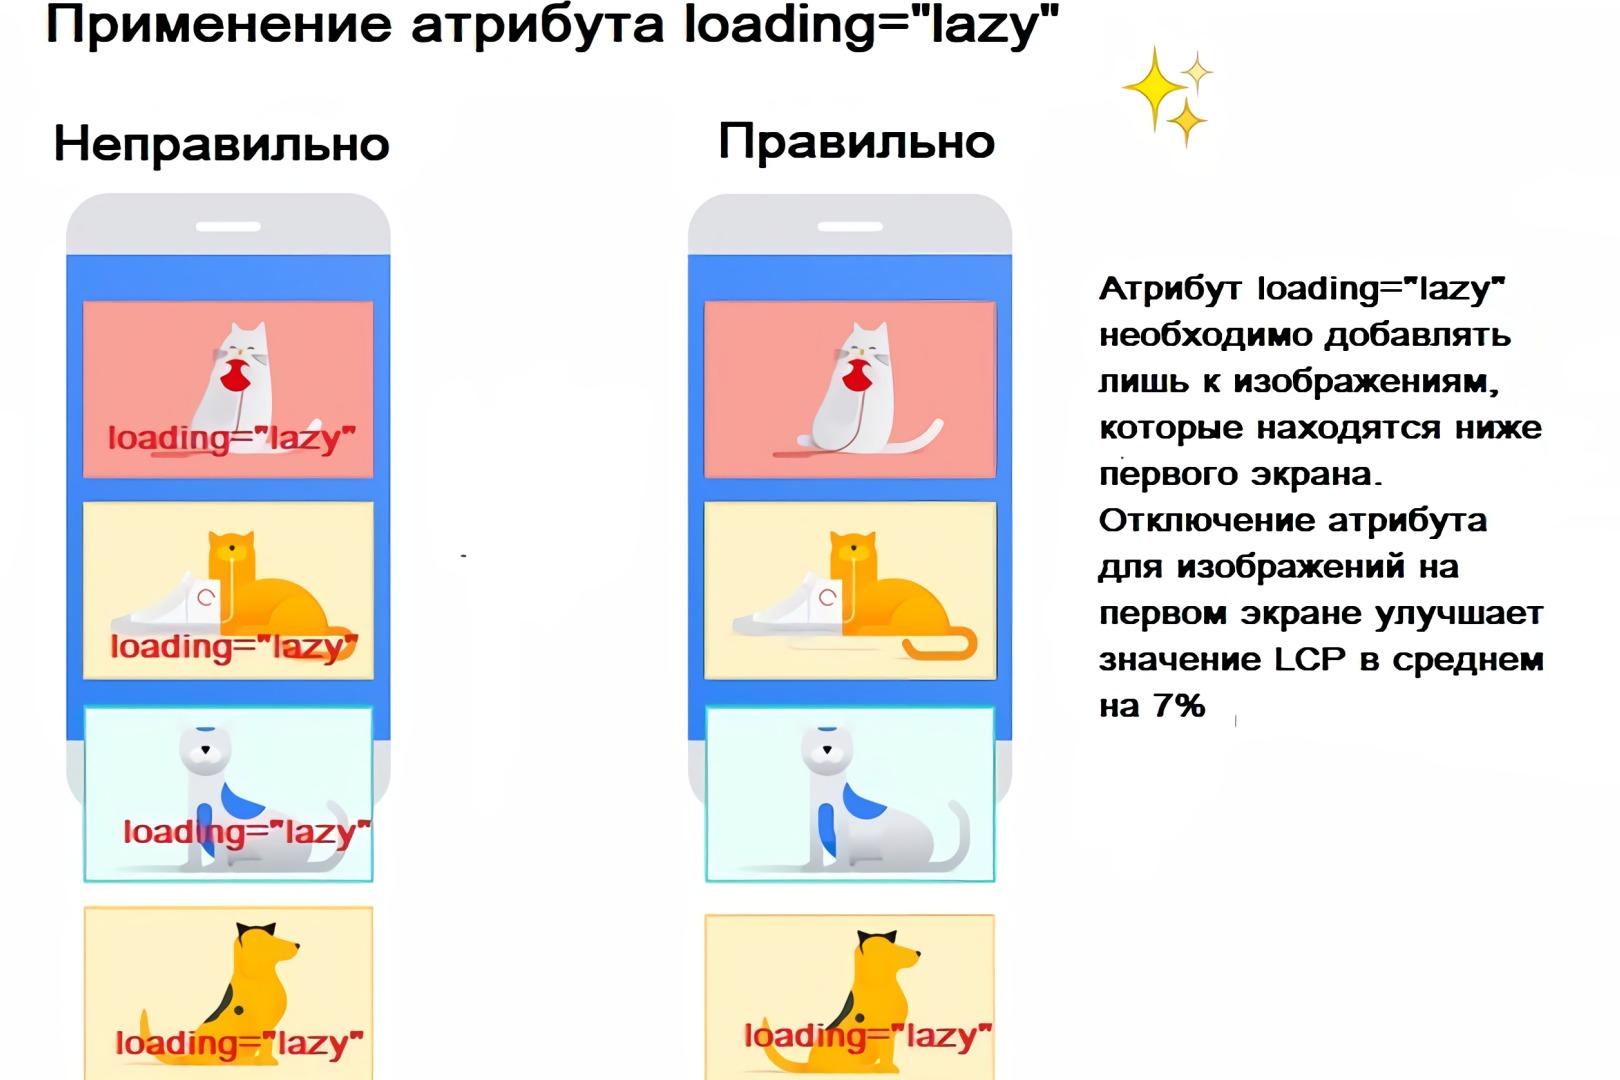 Правильное применение атрибута loading = lazy